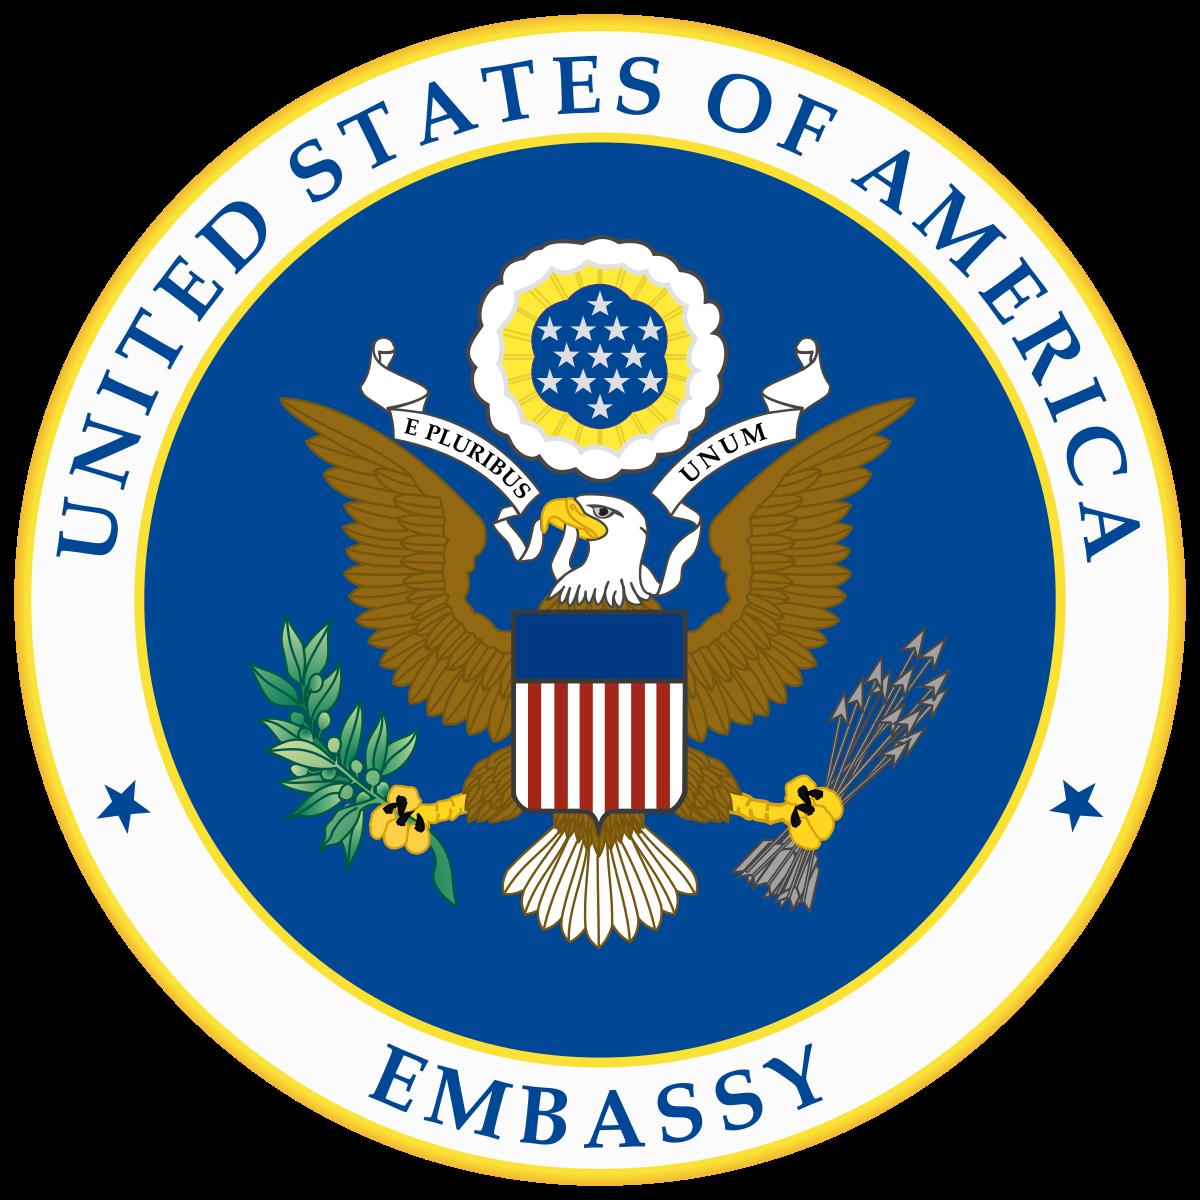 Embassy of the United States, Bangkok.